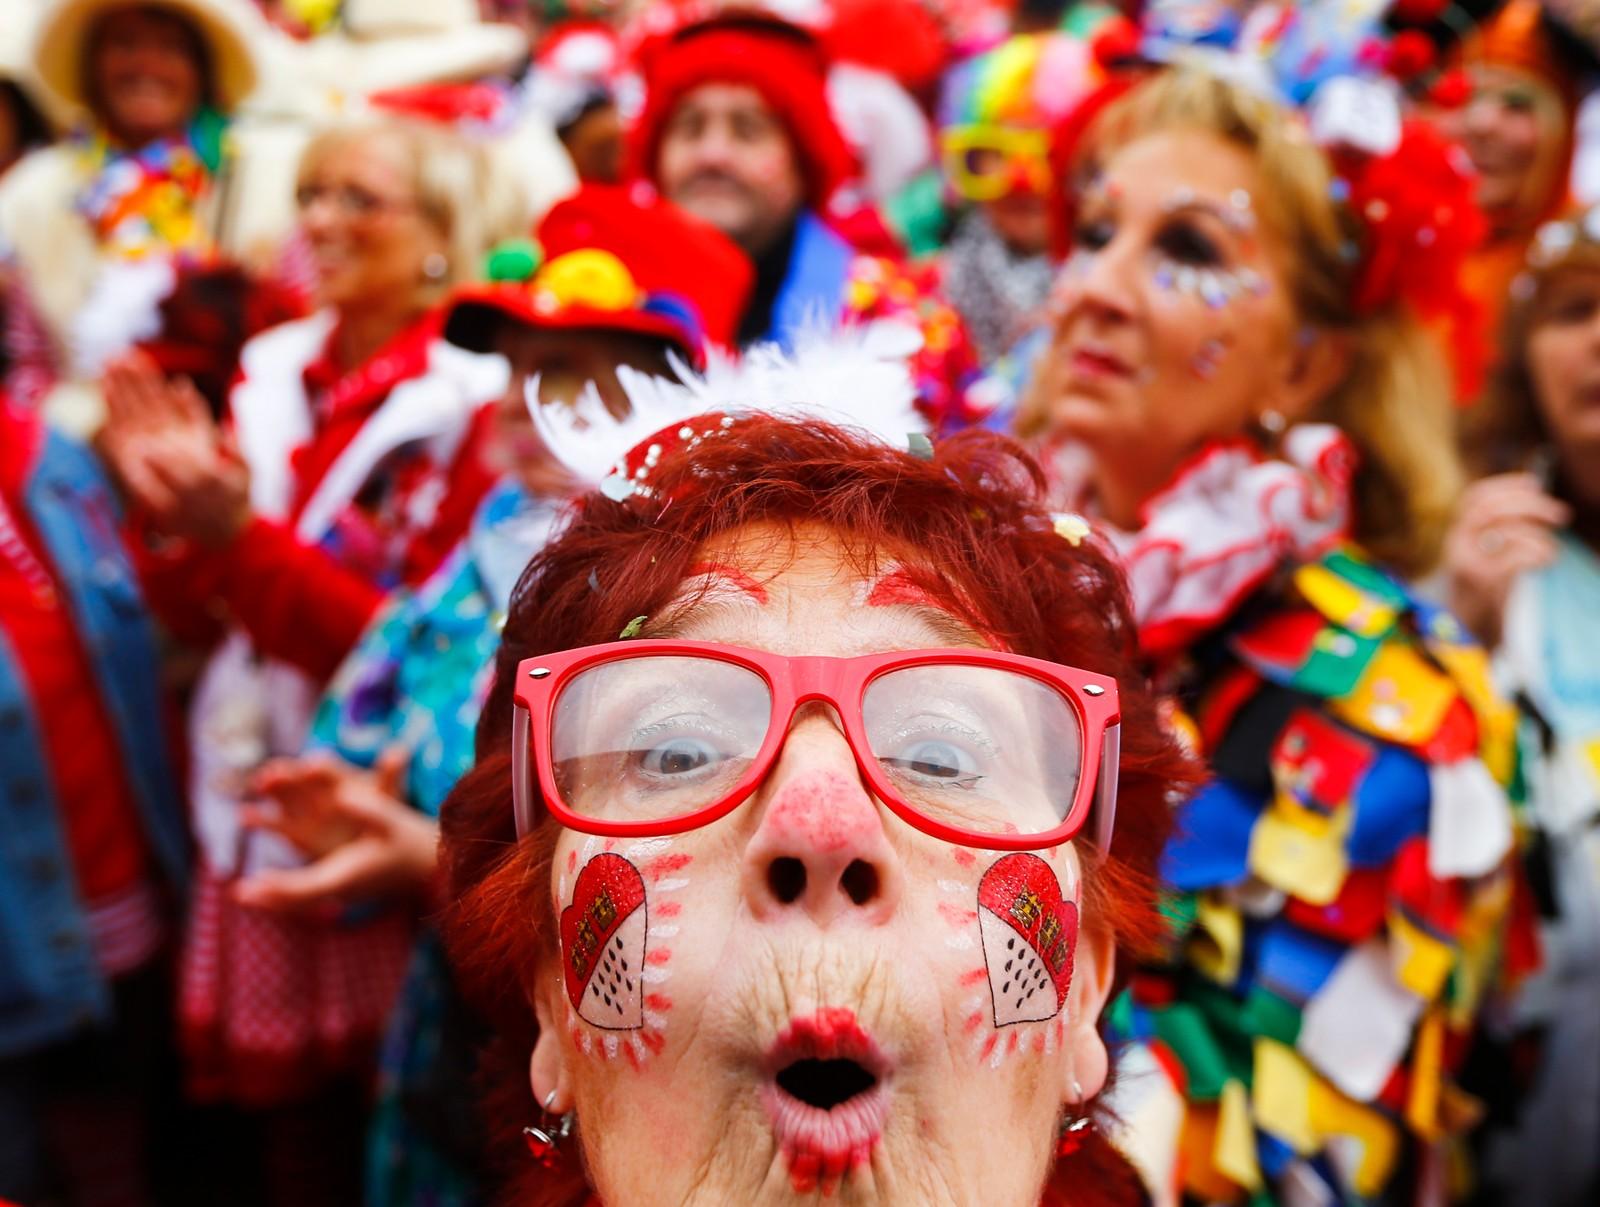 Karneval-sesongen er i gang i Tyskland. Her fra en samling i gatene i Köln. Mange steder i Tyskland ble den offisielle starten på ablegøyene markert 11.11.2015 klokken 11.11.